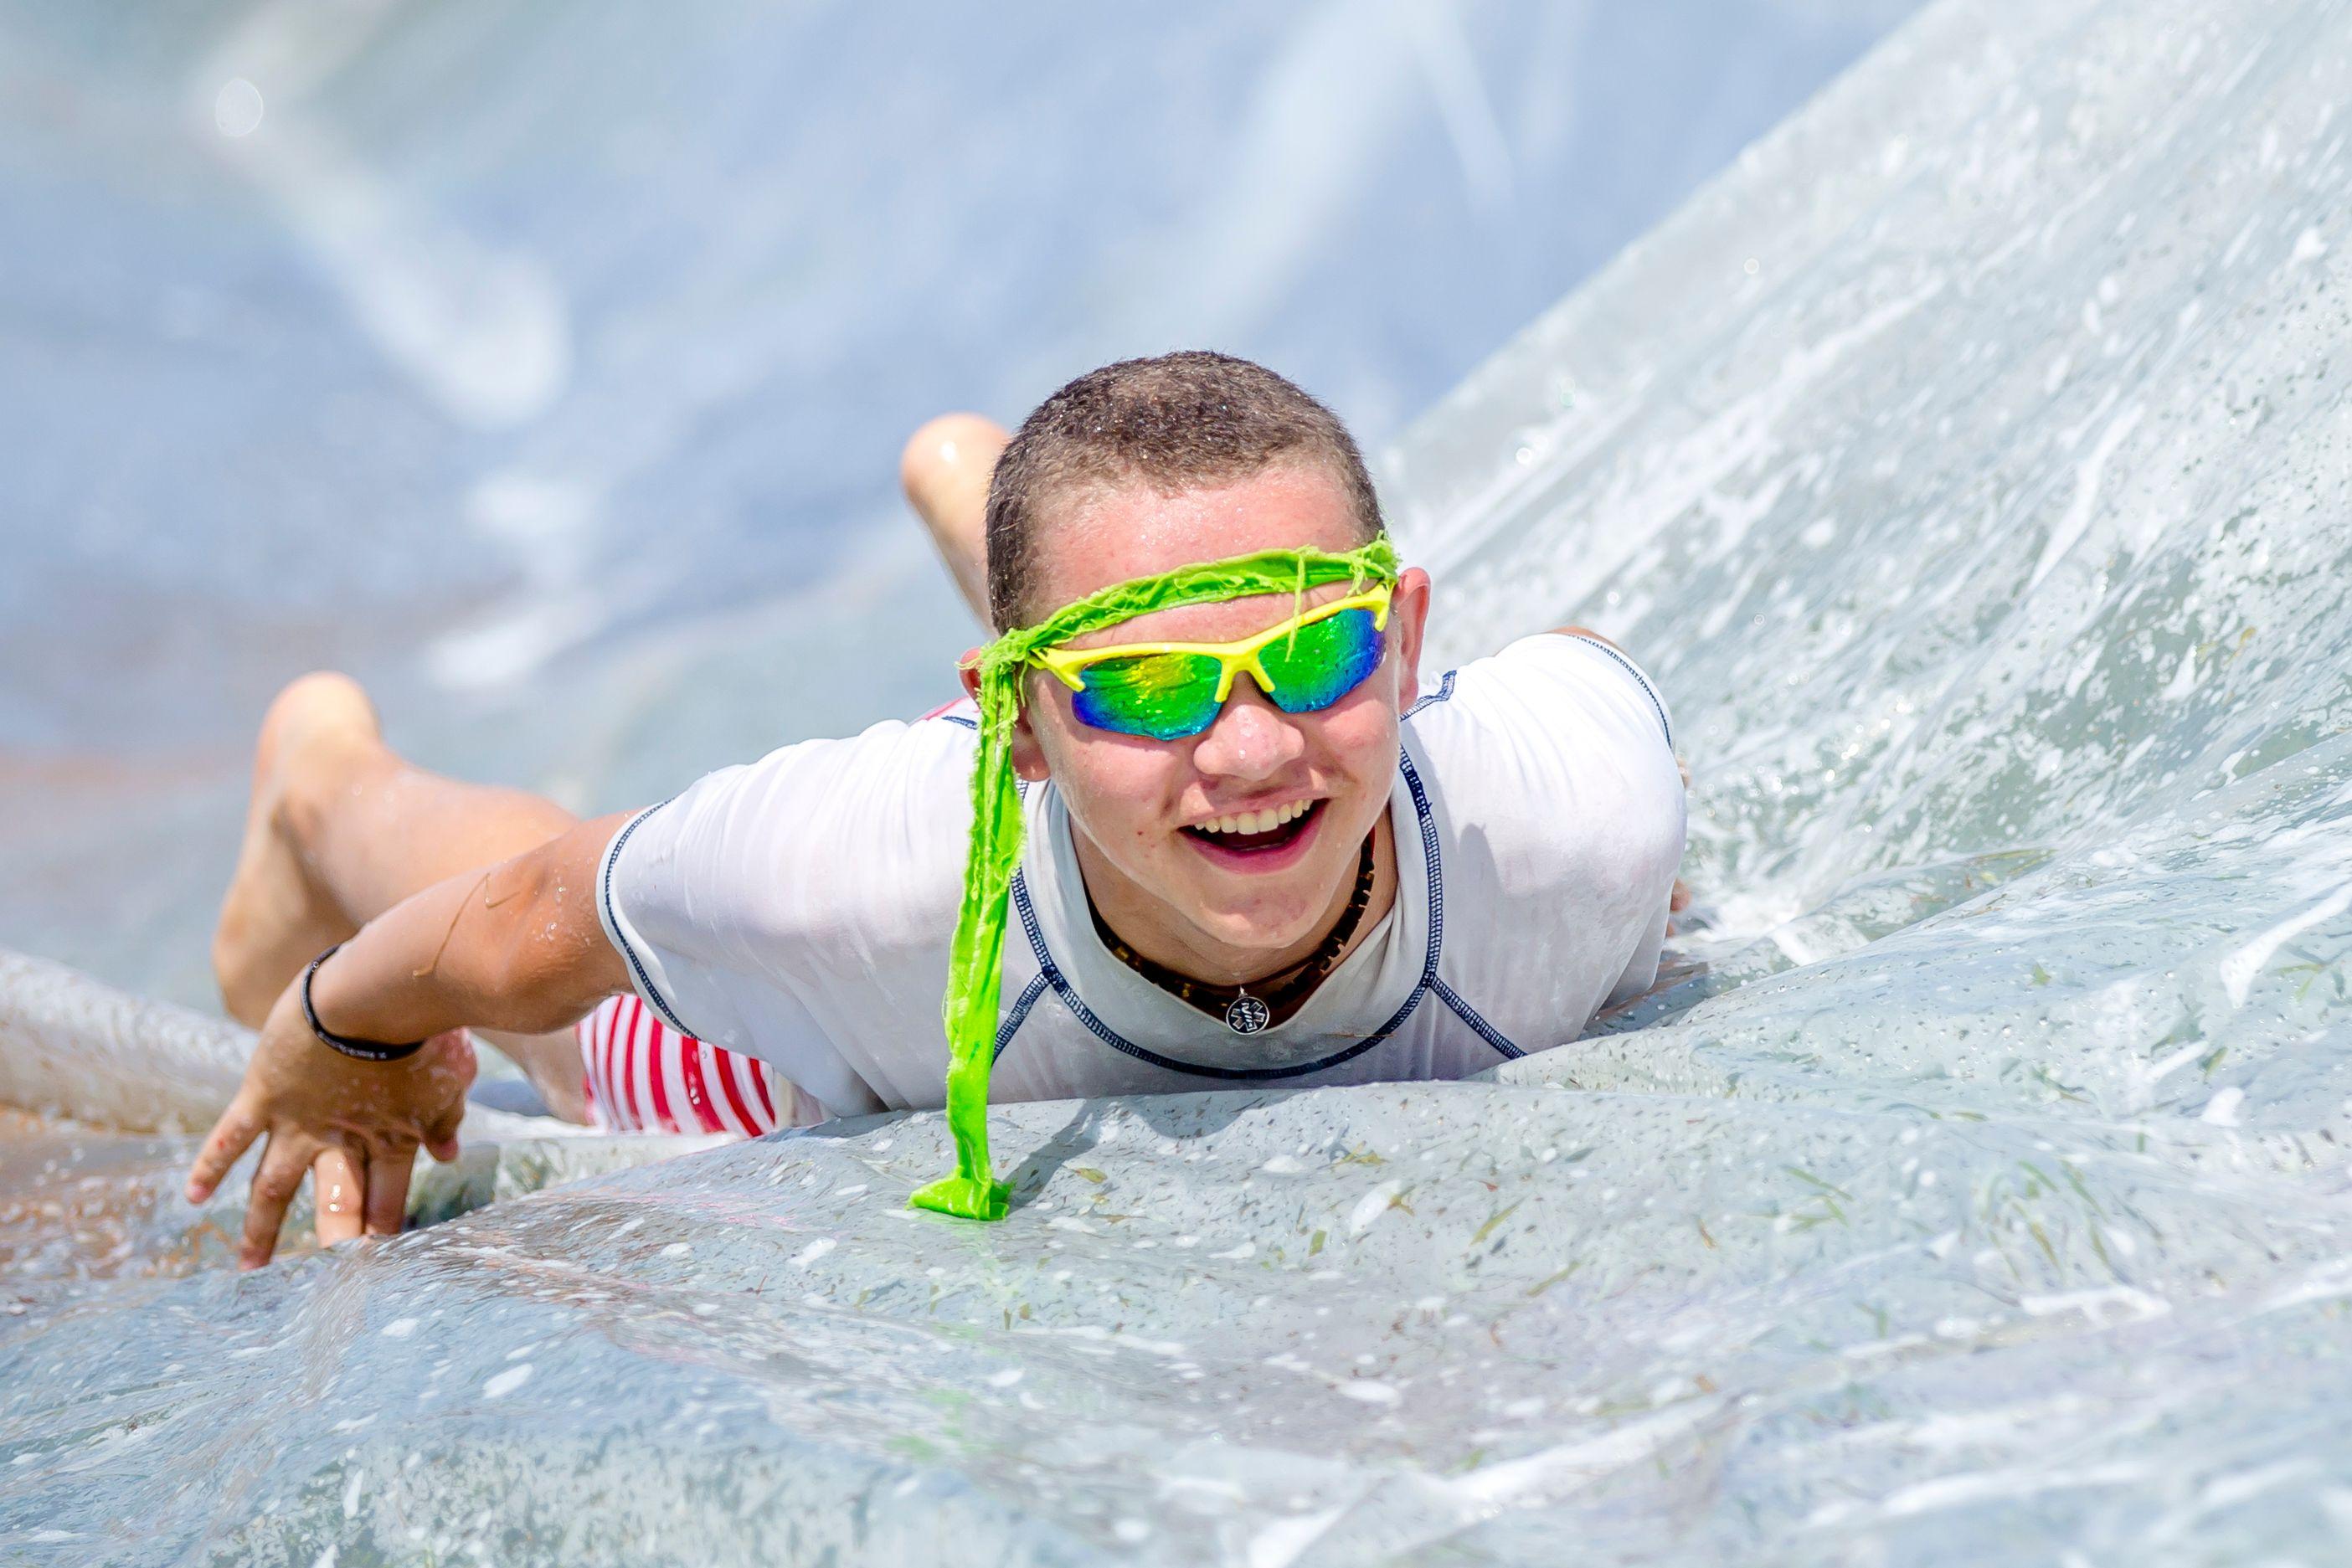 A camper slides down the slip-n-slide.